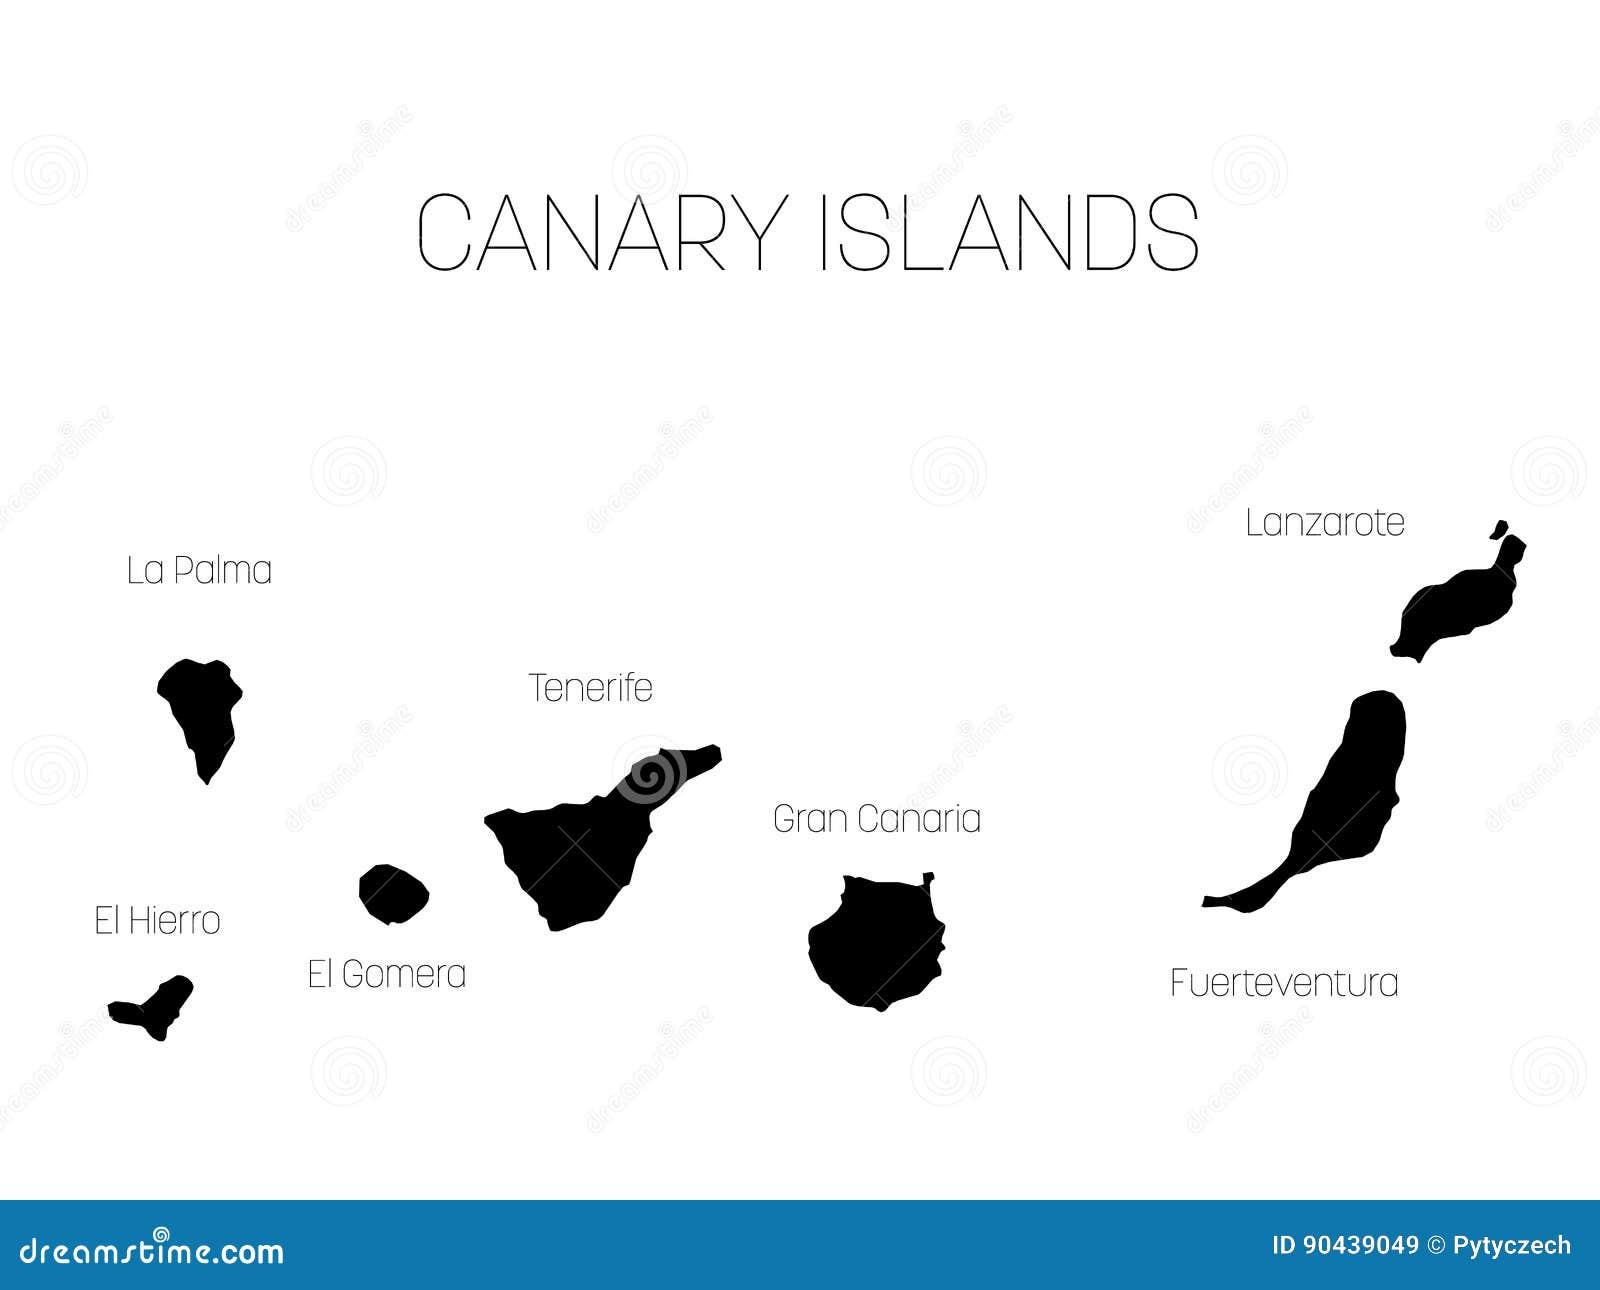 Cartina Spagna Fuerteventura.Mappa Delle Isole Canarie Spagna Con Le Etichette Di Ogni Isola El Hierro La Palma La Gomera Tenerife Gran Canaria Illustrazione Vettoriale Illustrazione Di Nero Cartografia 90439049